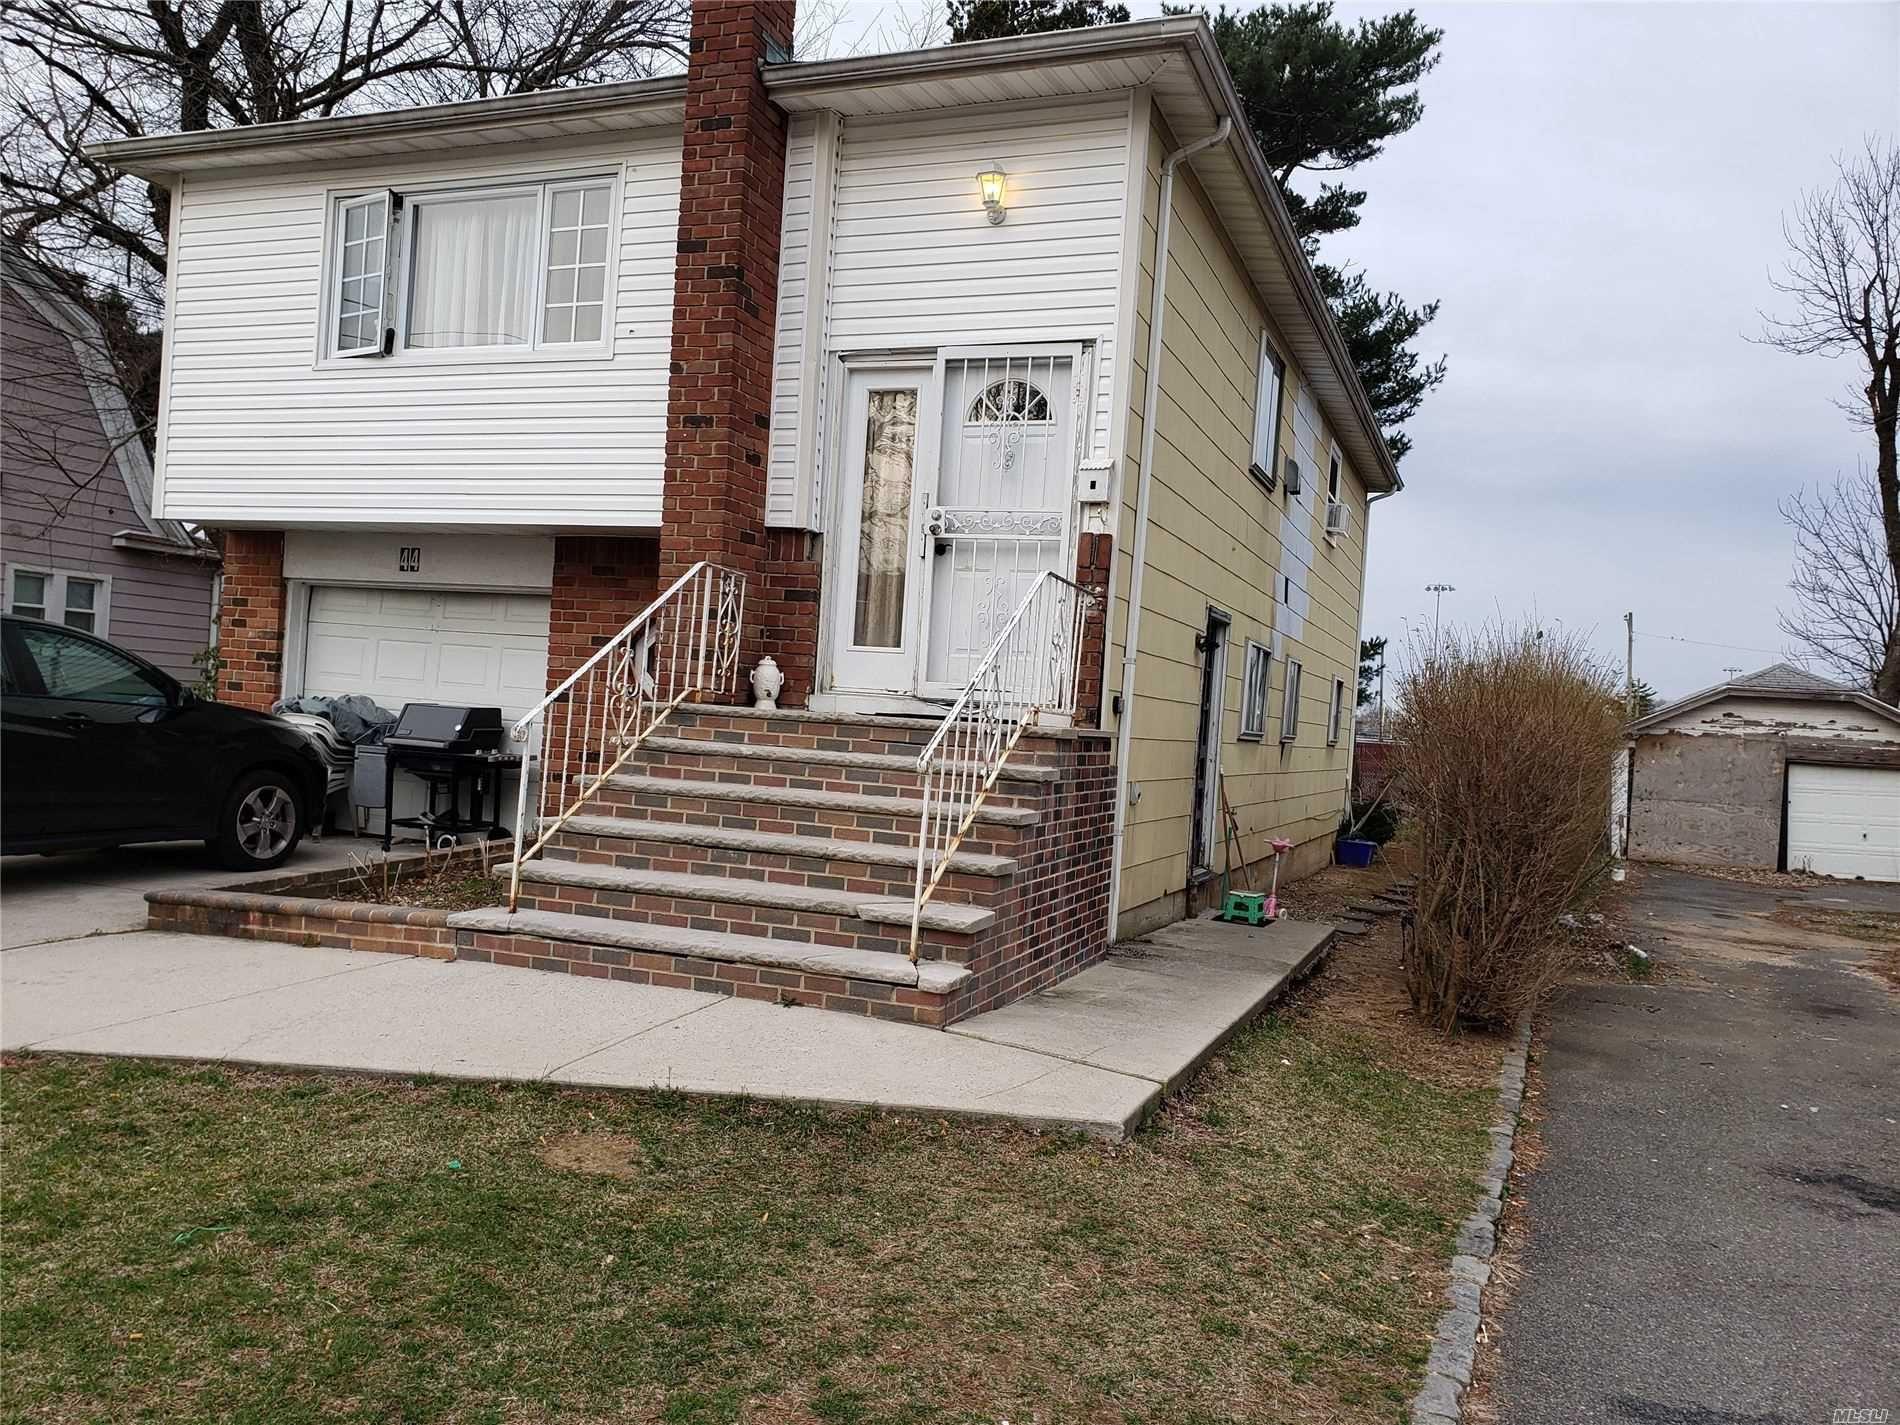 44 Ingraham St, Hempstead, NY 11550 - MLS#: 3184125